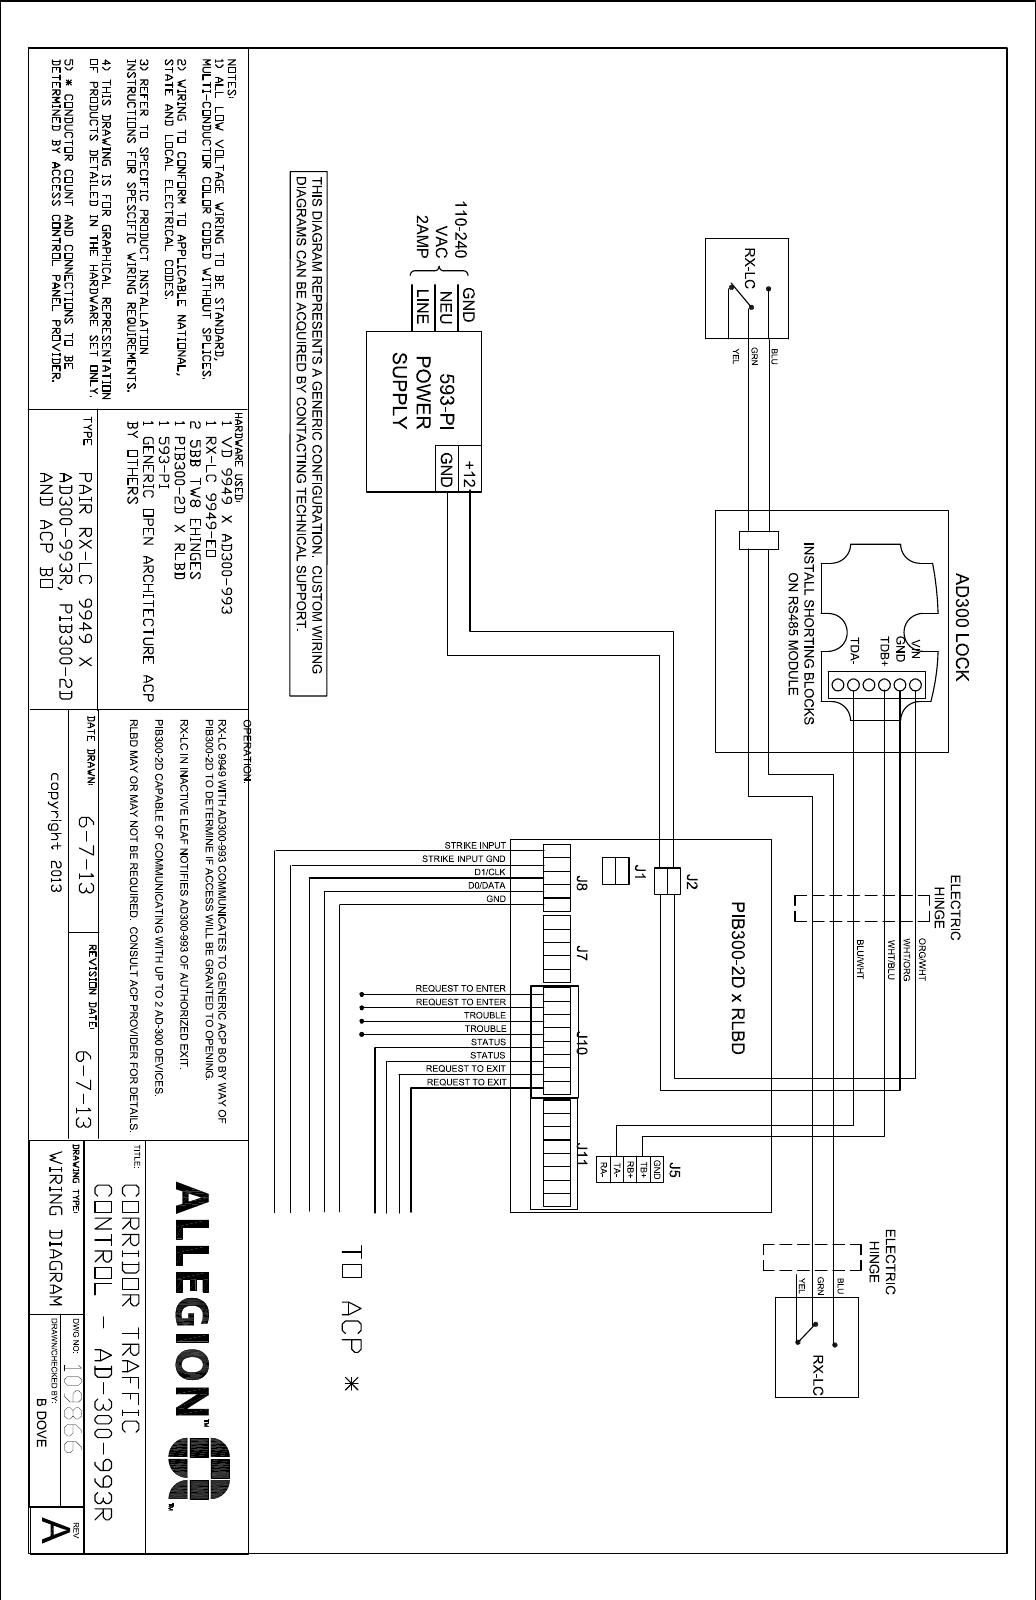 Von Duprin Wiring Diagram - Wiring Diagram Home